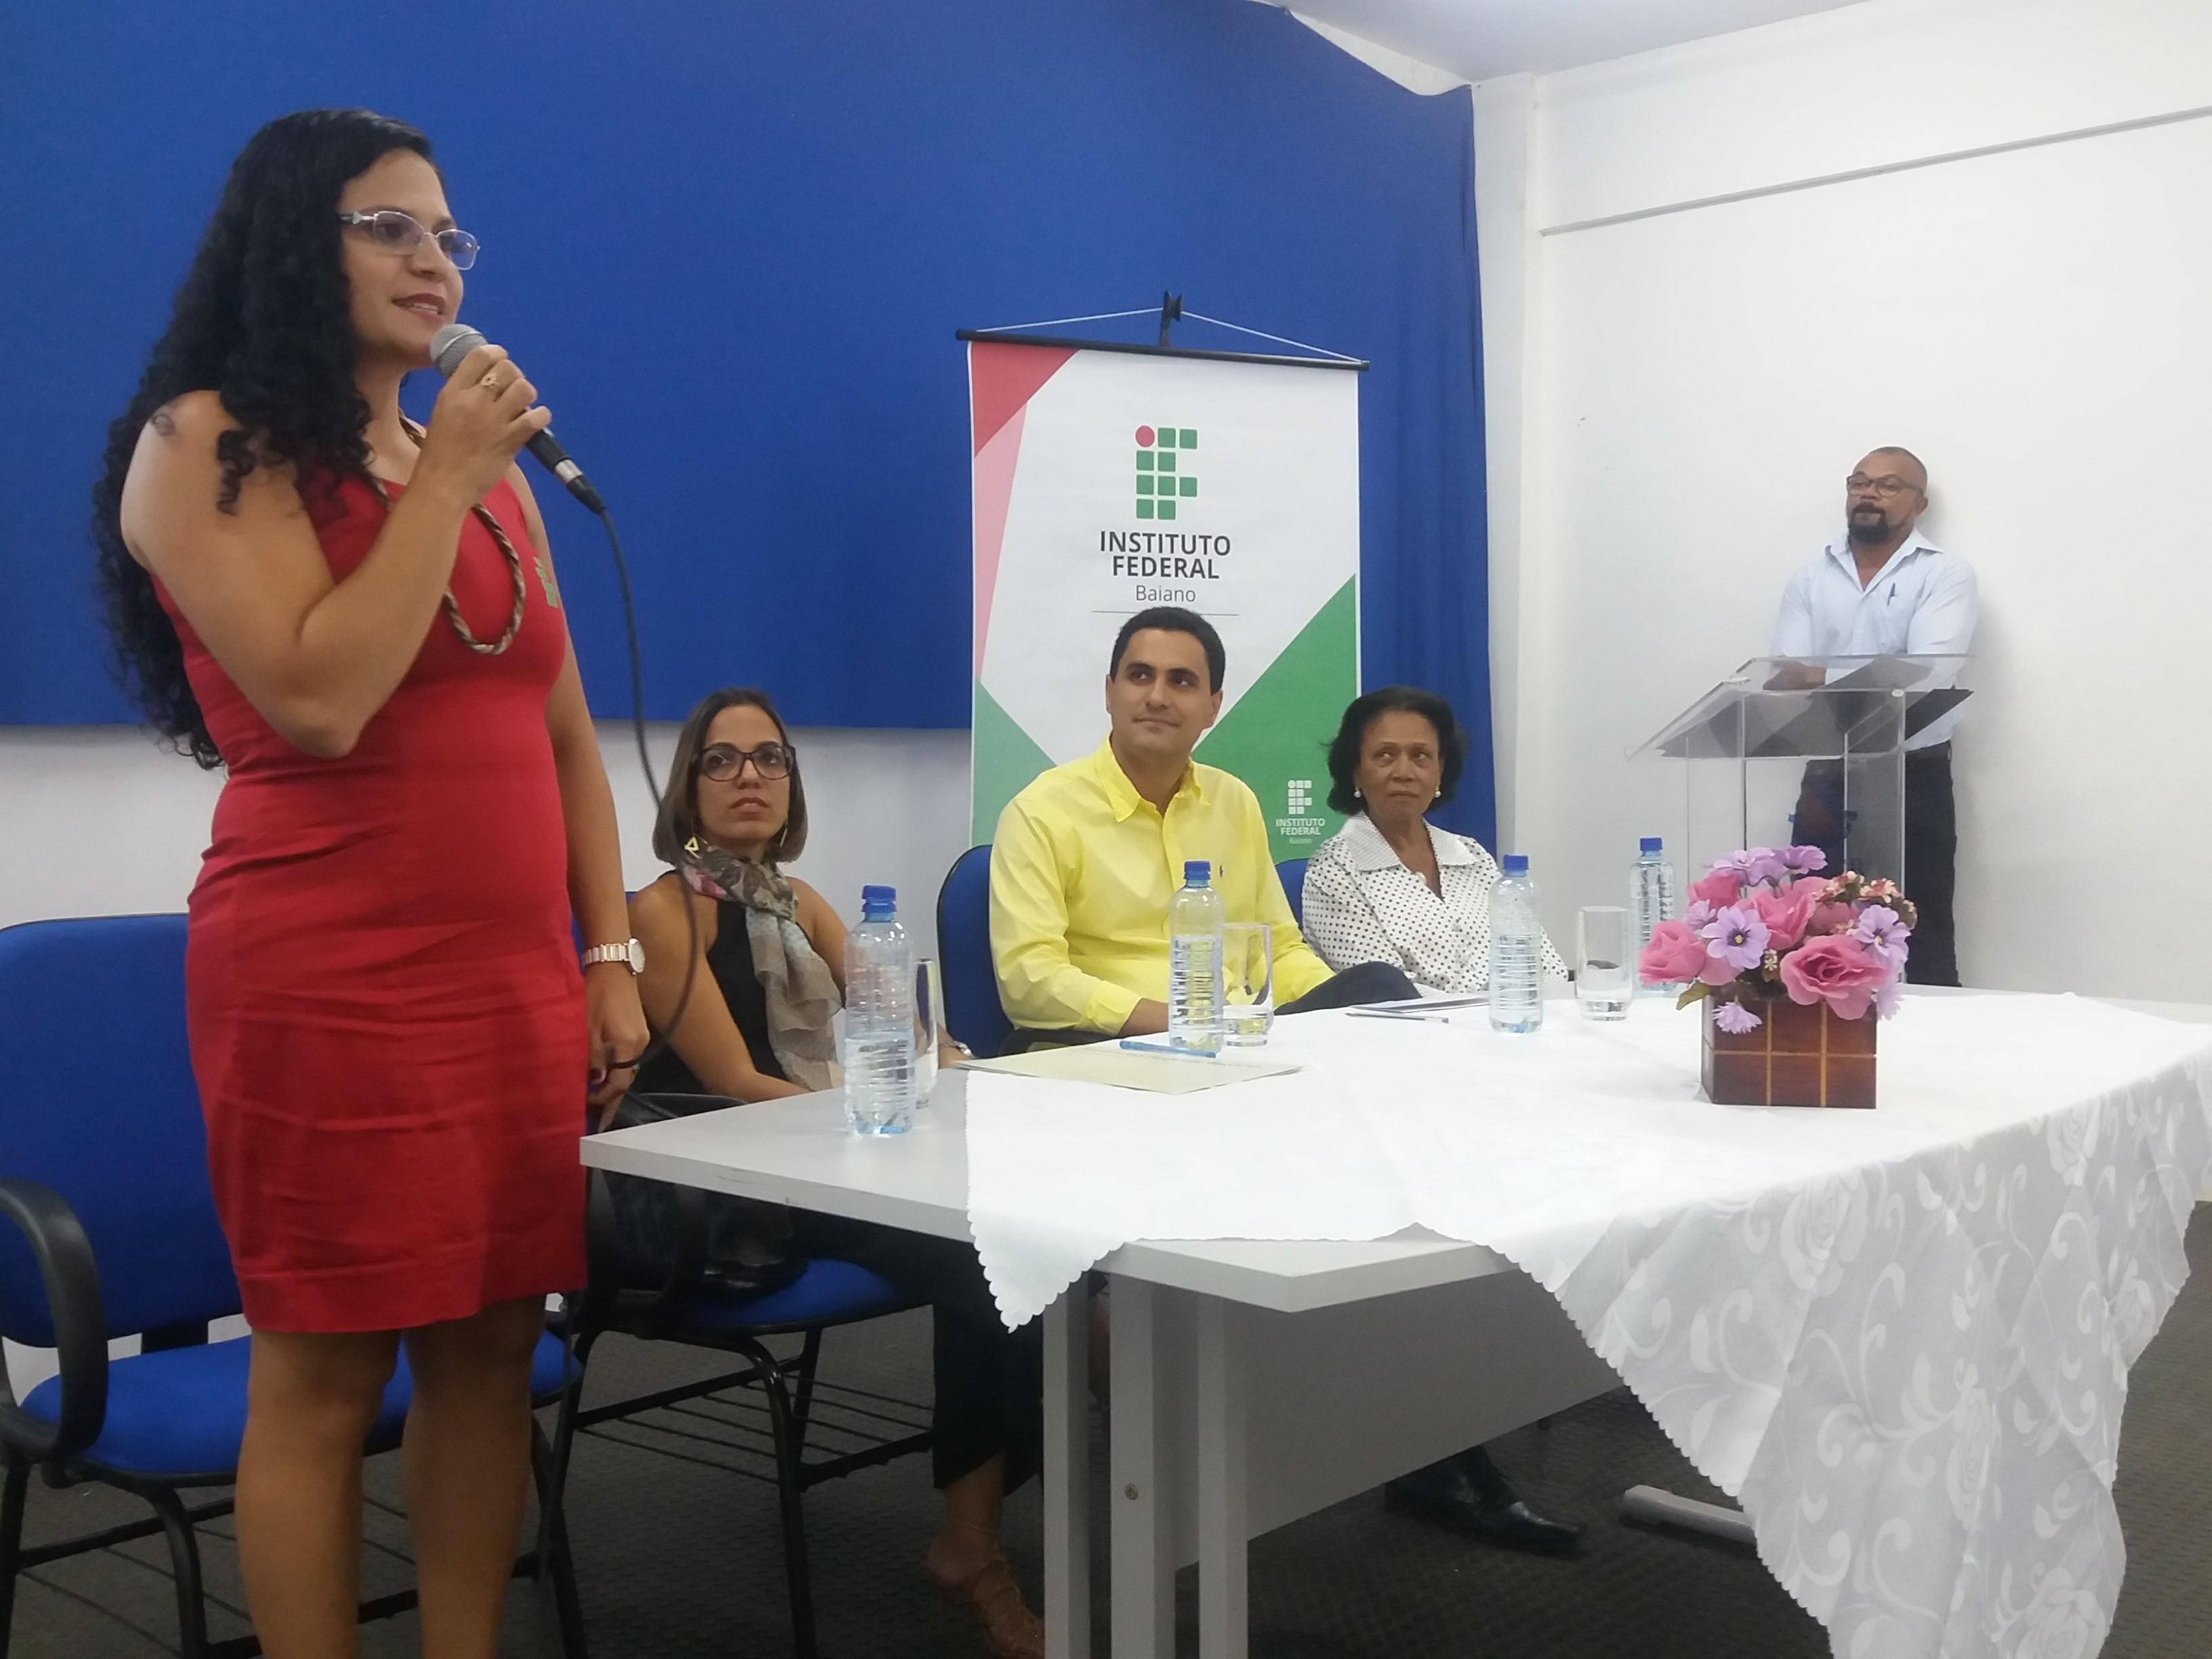 Da esquerda para direita, compondo a mesa de honra, Lizziane Batista (Diretora do Campus Itaberaba), Delka Azevedo (Assessora de Assuntos Especiais), Ricardo Mascarenhas (Prefeito de Itaberaba).